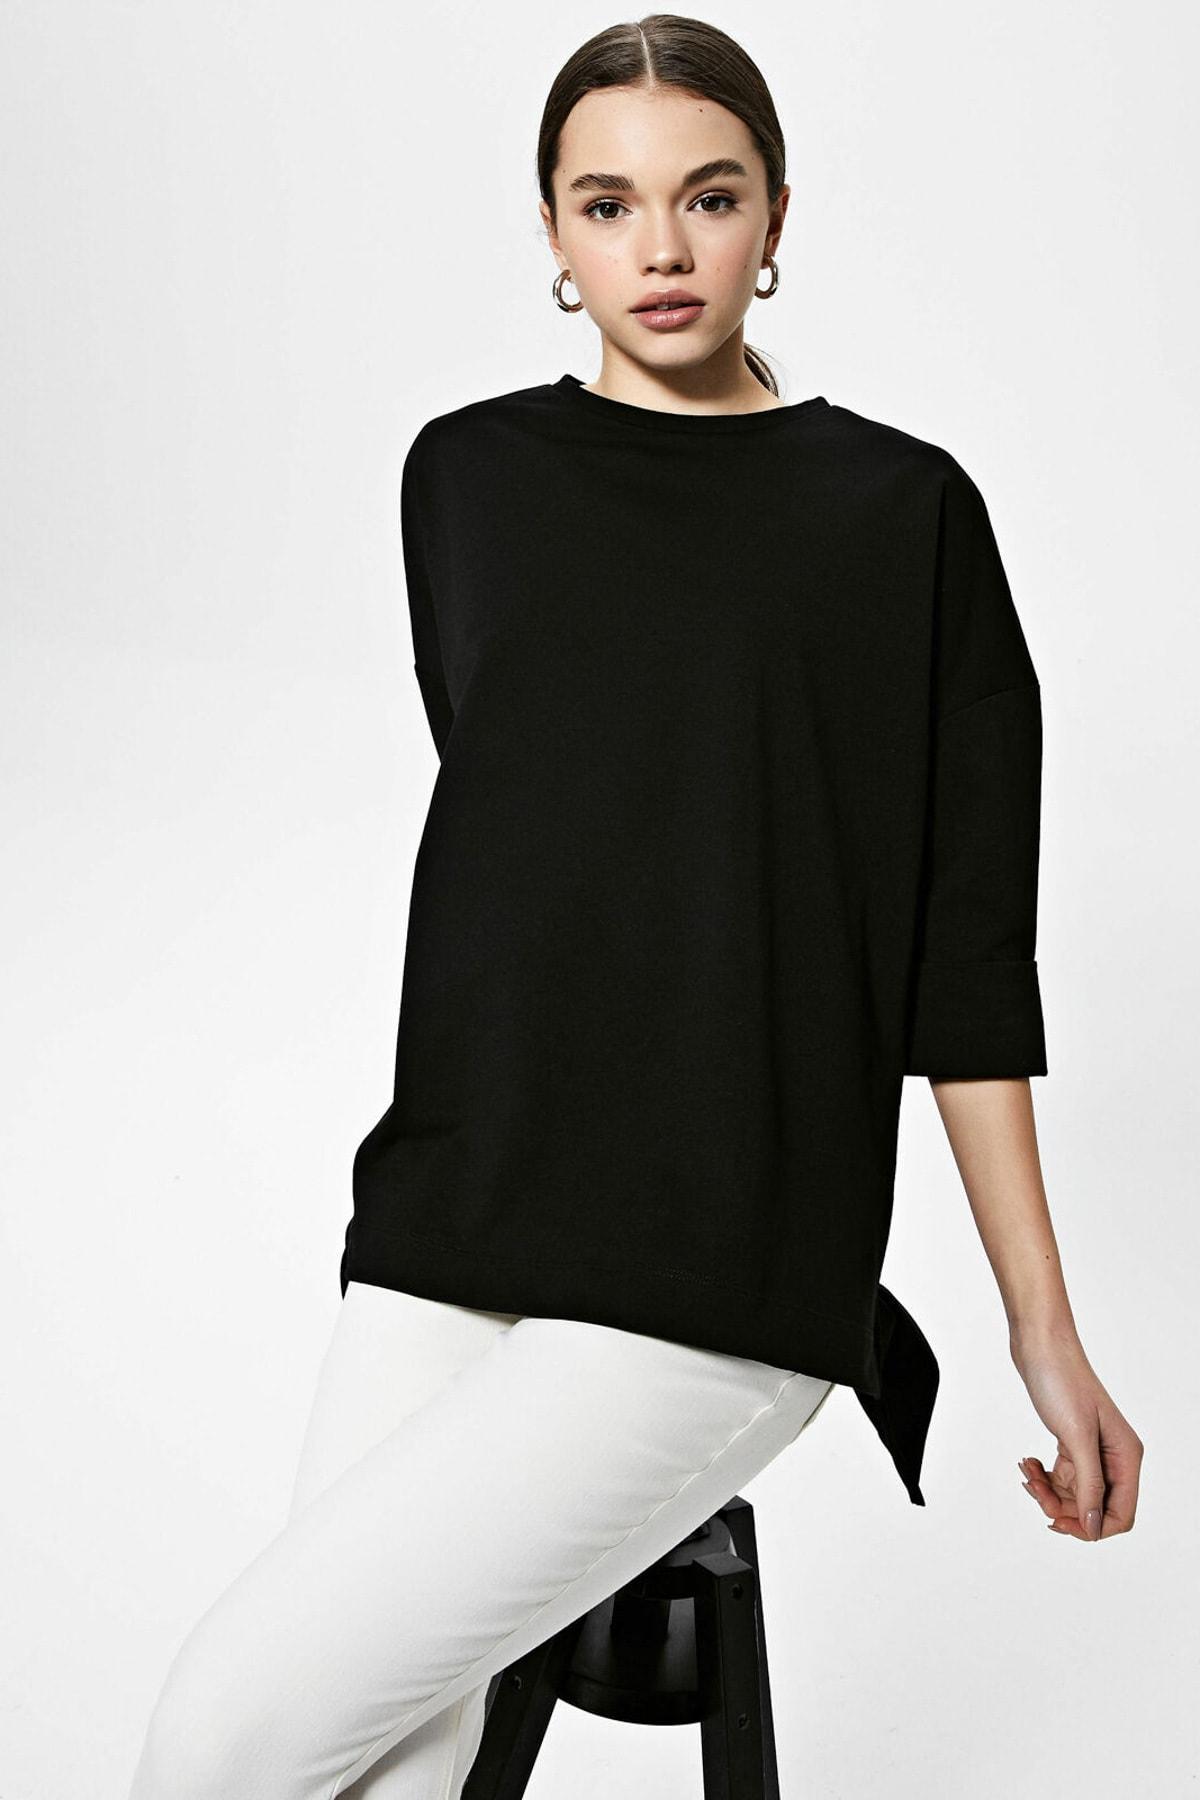 LC Waikiki Kadın Yeni Siyah Sweatshirt 2